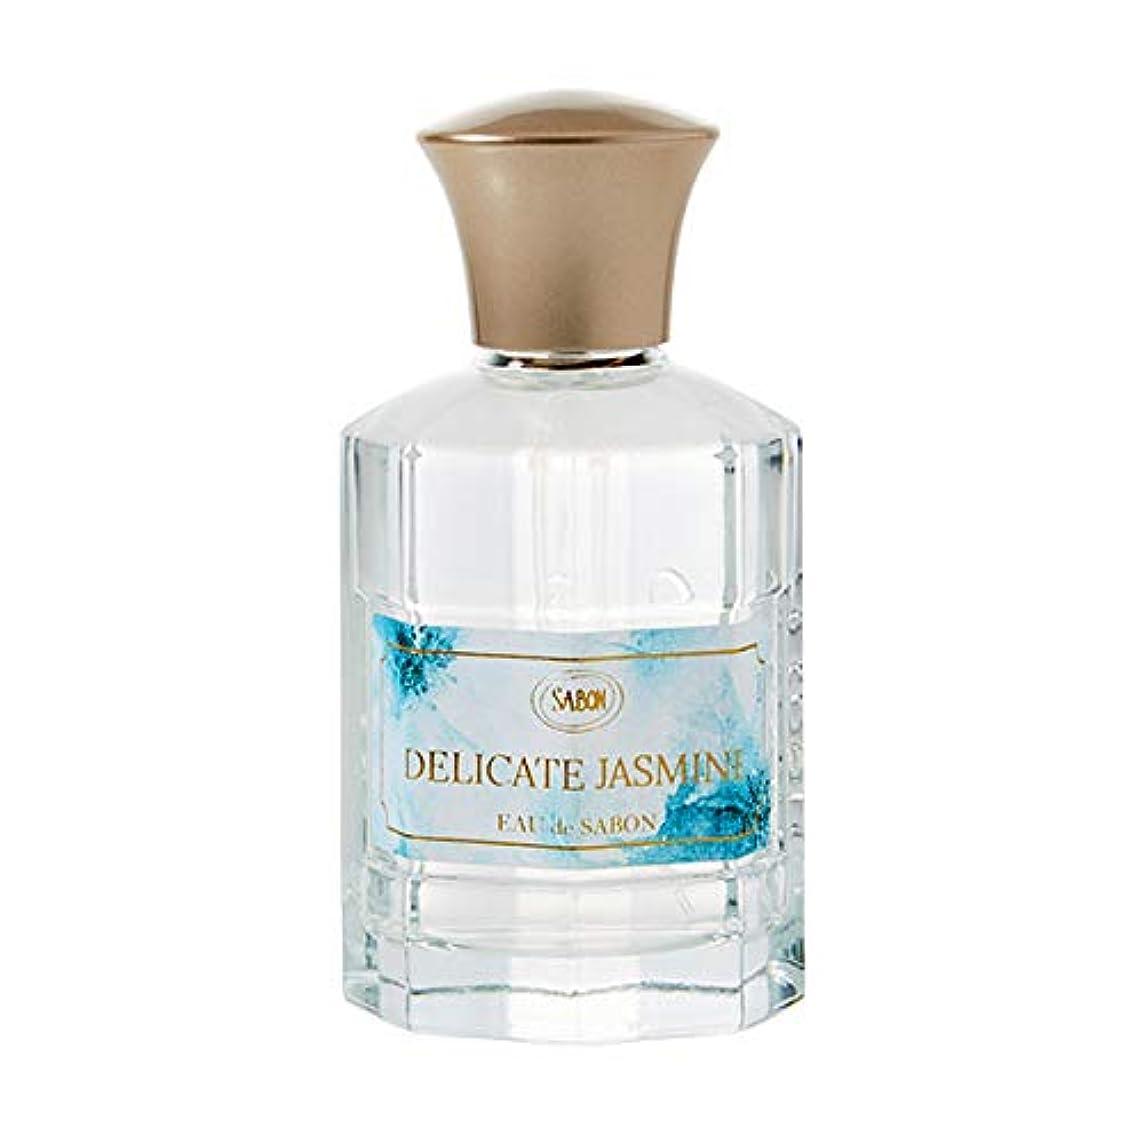 返還恐ろしいタウポ湖サボン SABON オー ドゥ サボン デリケートジャスミン ( DELICATE JASMINE ) 80ml オードトワレ フレグランス 香水 パフューム デイリーパフューム